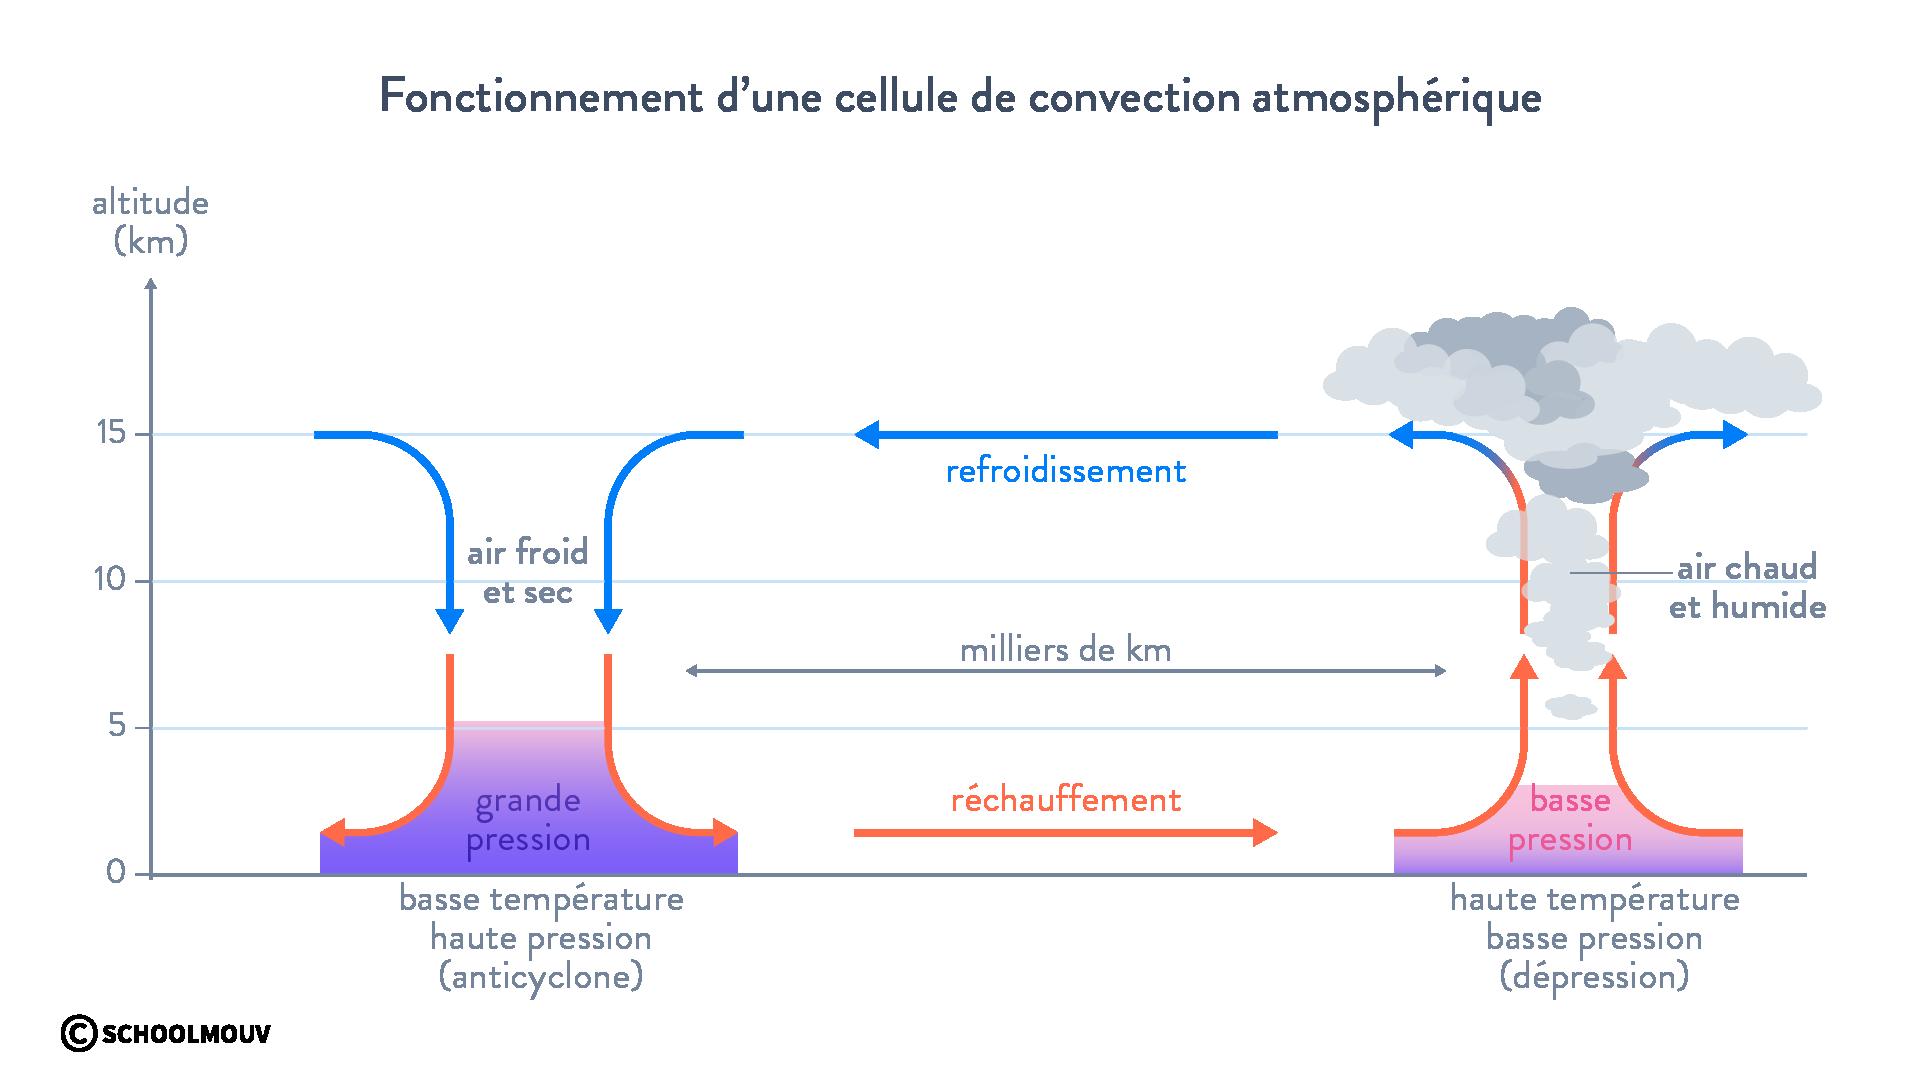 Fonctionnement cellule de convection atmosphérique